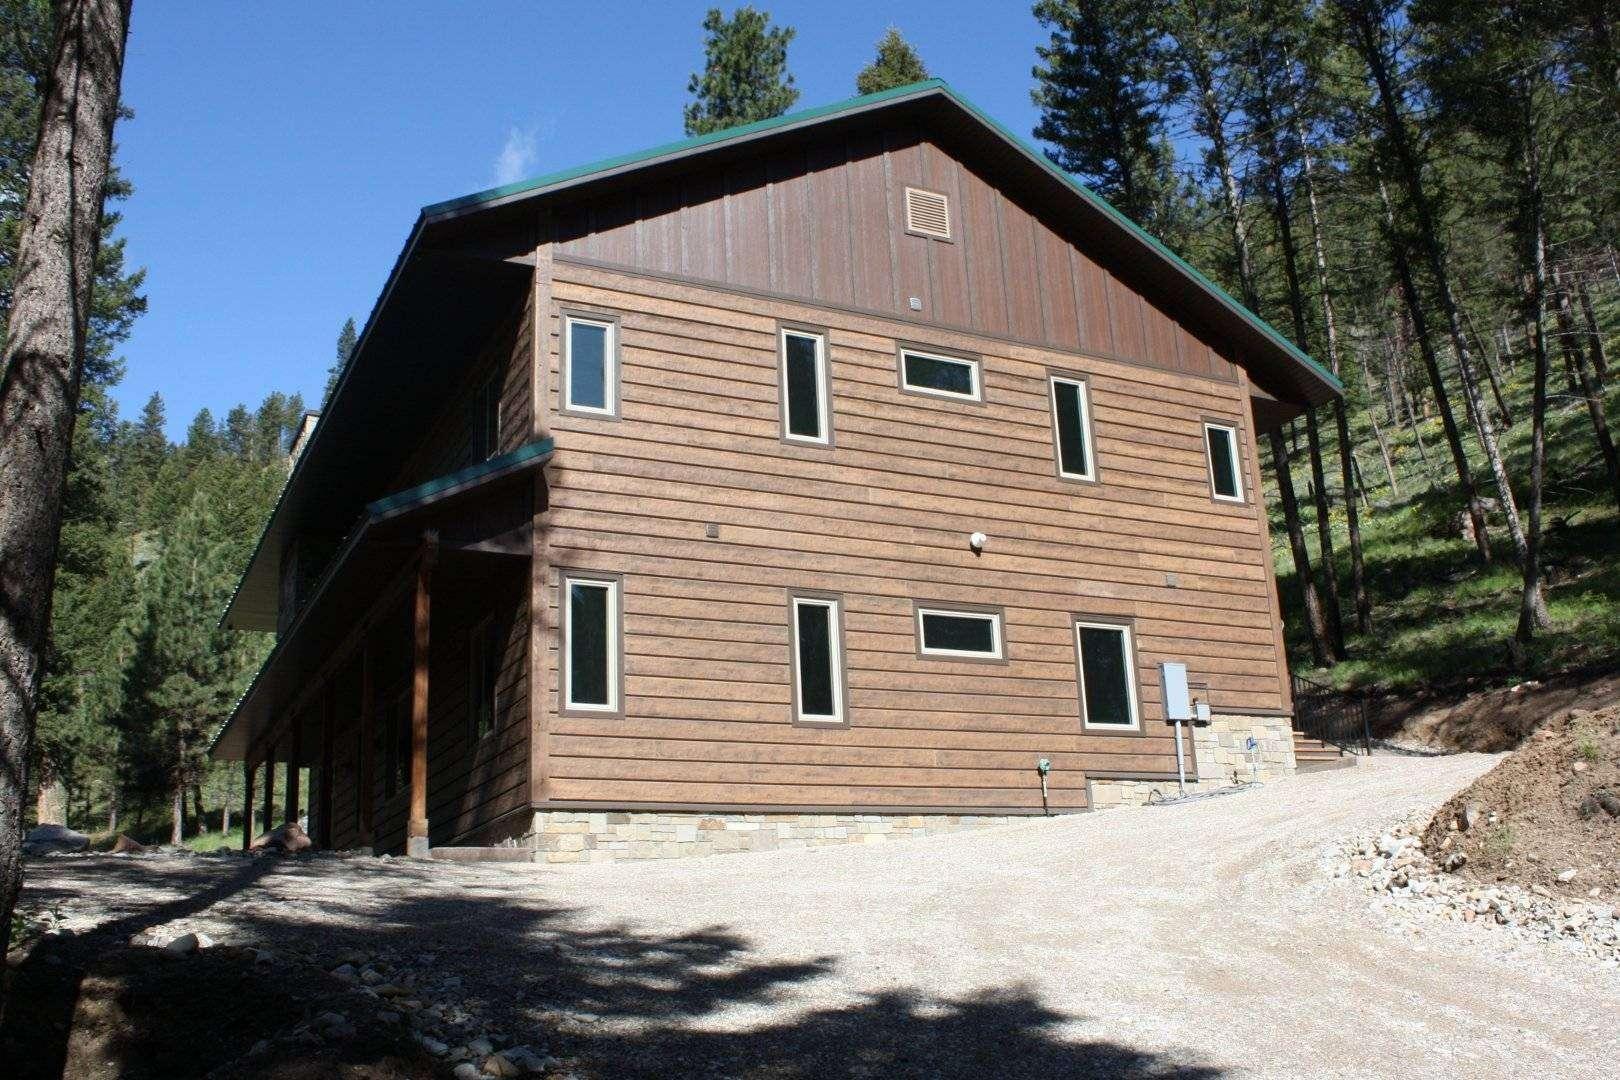 Concrete Cabin Retreat Cabin Sula Montana Everlog Systems